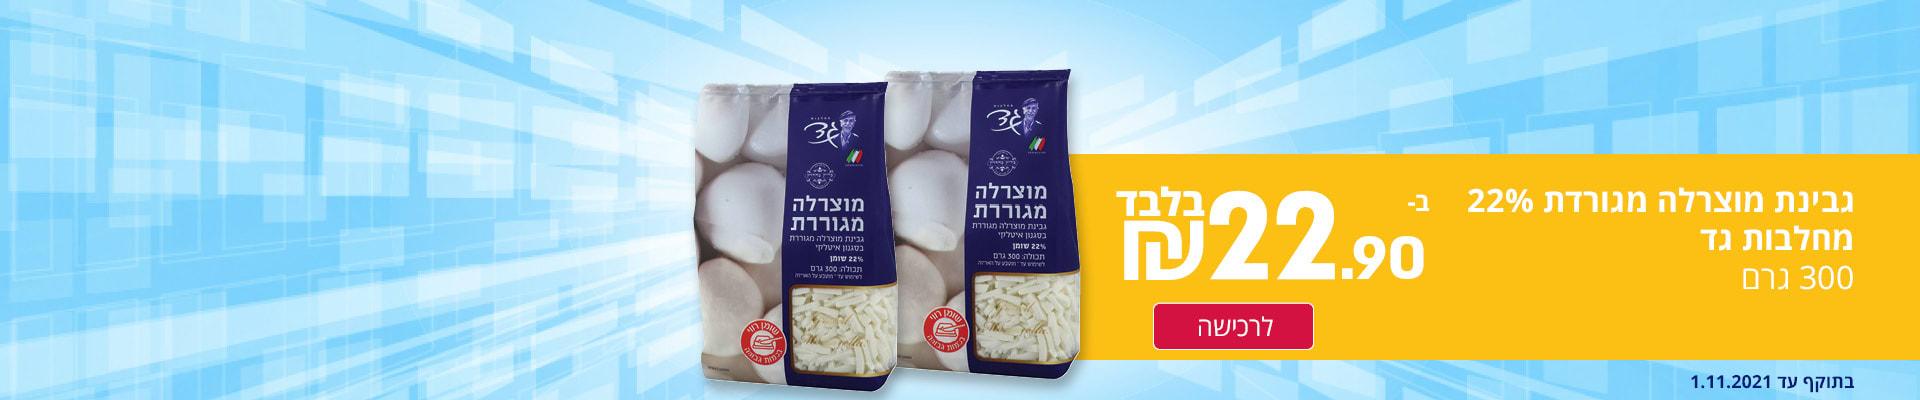 גבינת מוצרלה מגורדת 22% מחלבות גד 300 גרם ב-22.90 ₪. בתוקף עד 1.11.2021